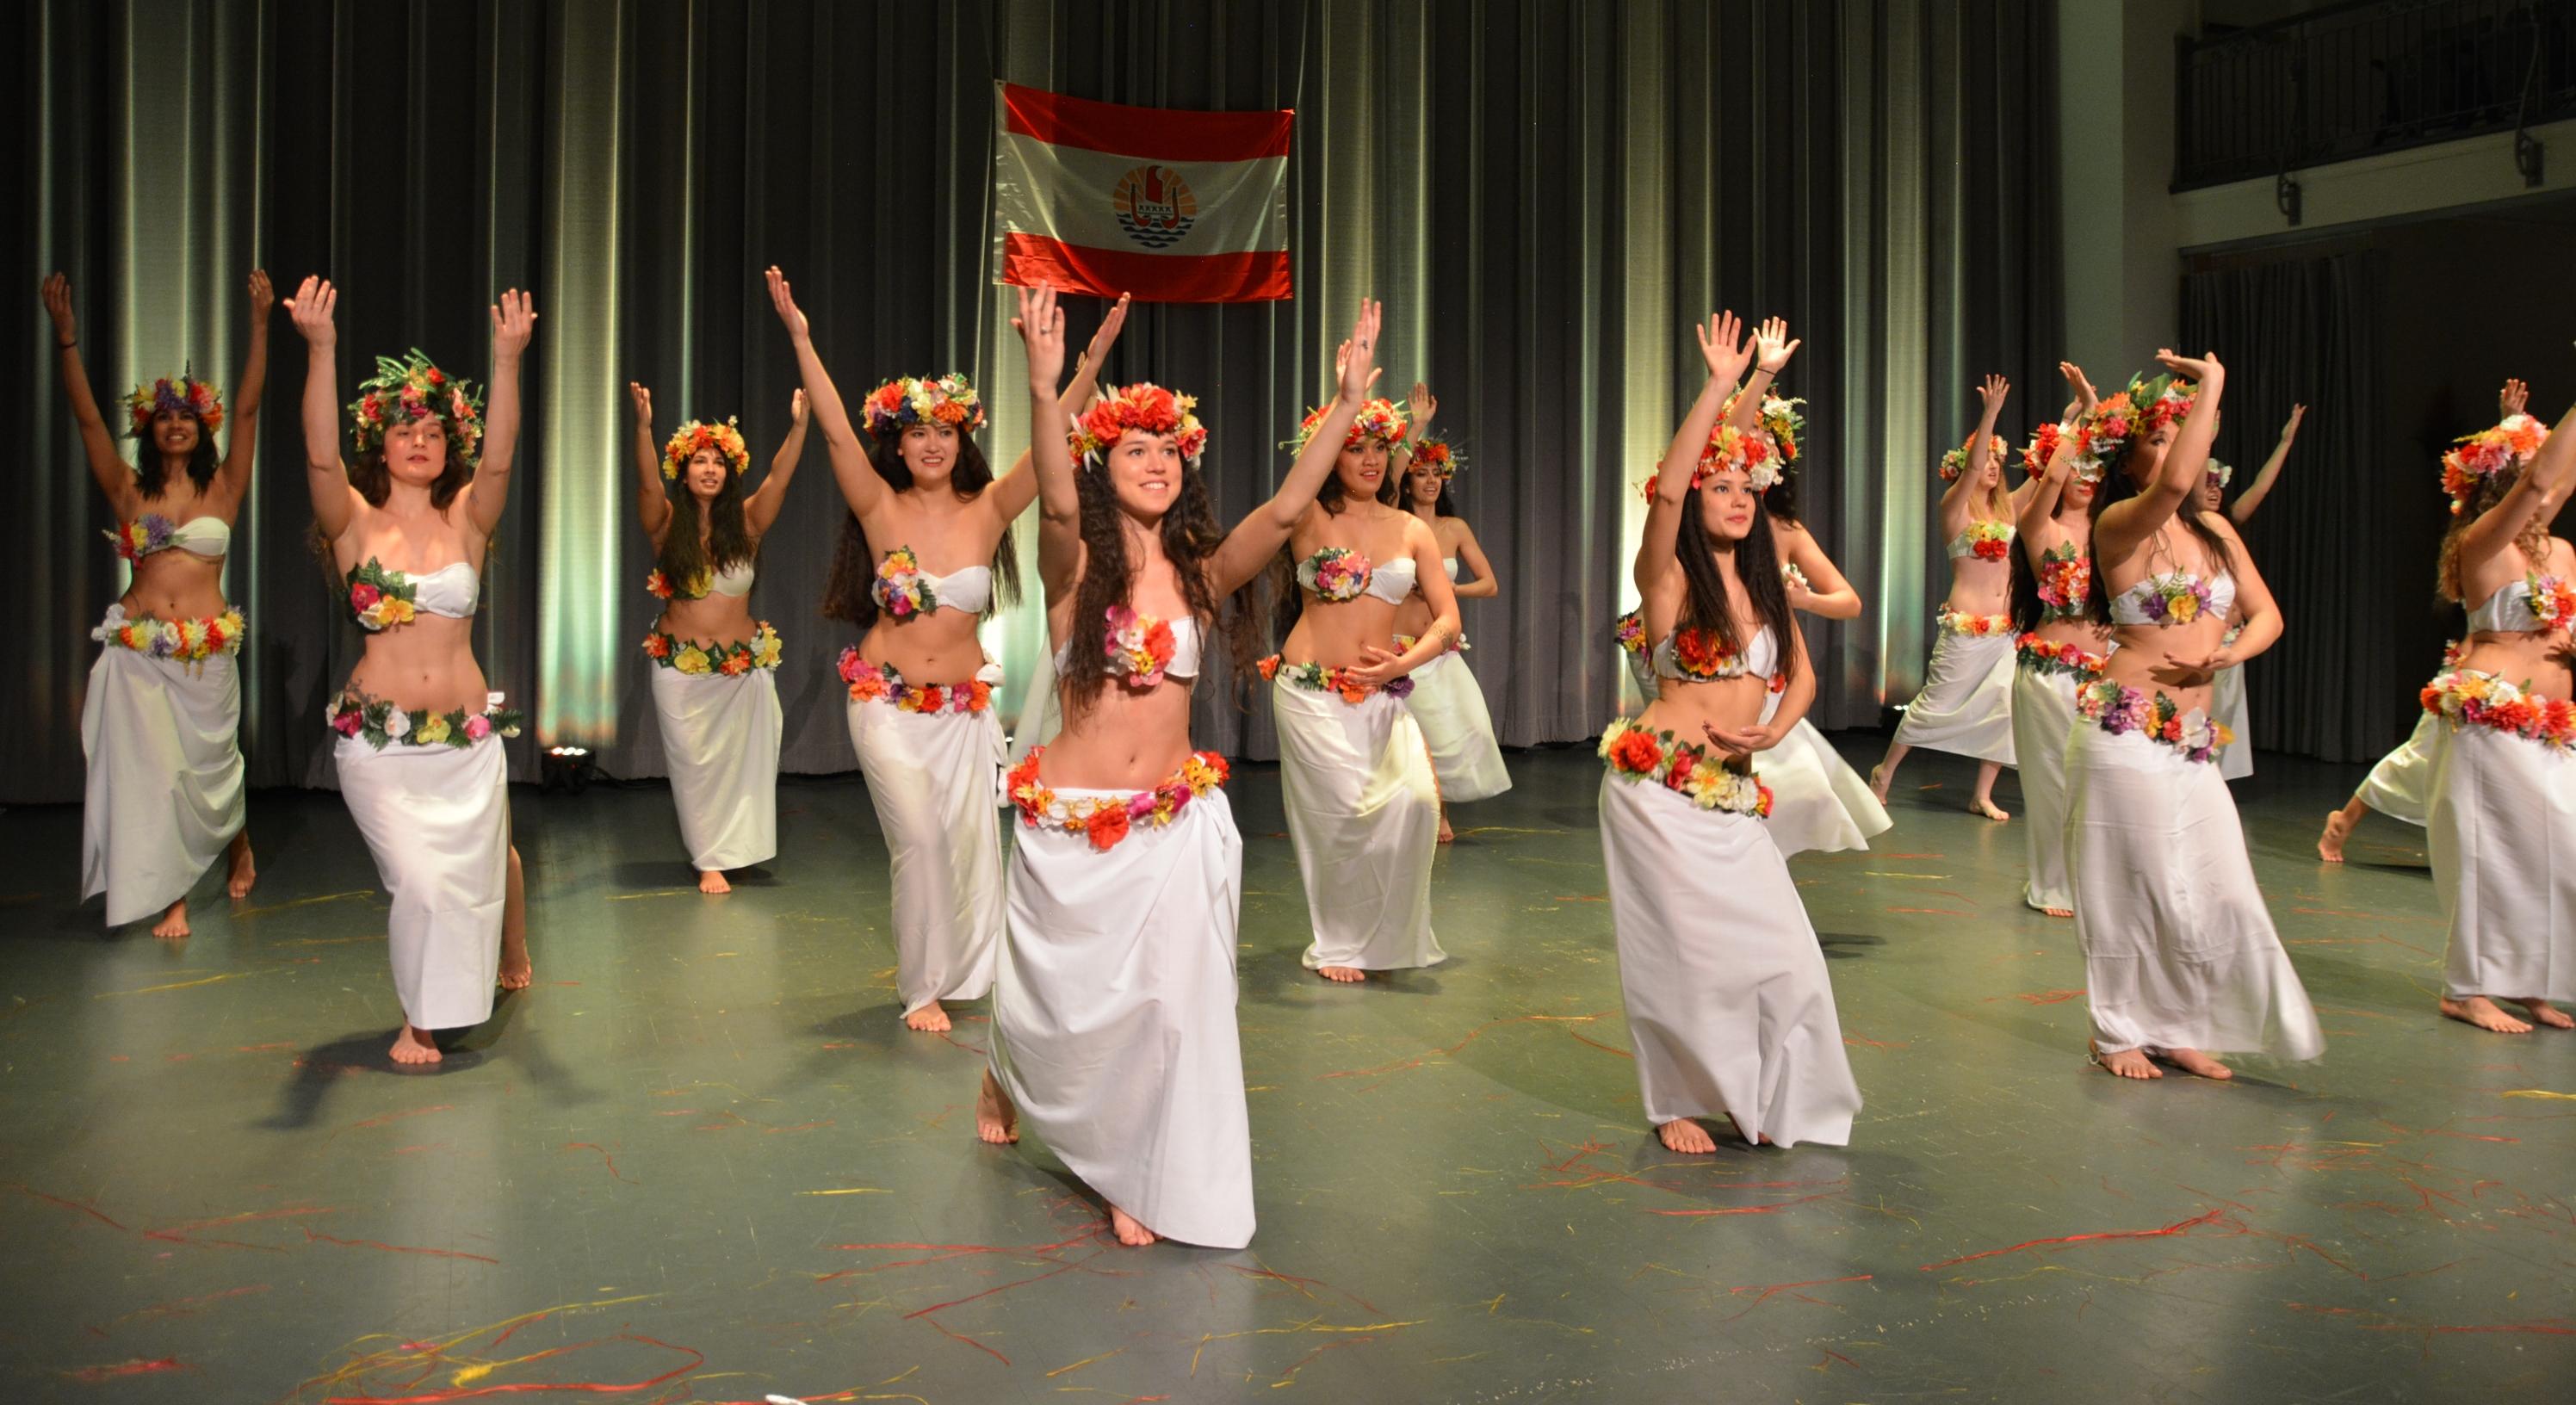 Les Tahitiens de Montréal partagent les danses et chants polynésiens de leur paradis